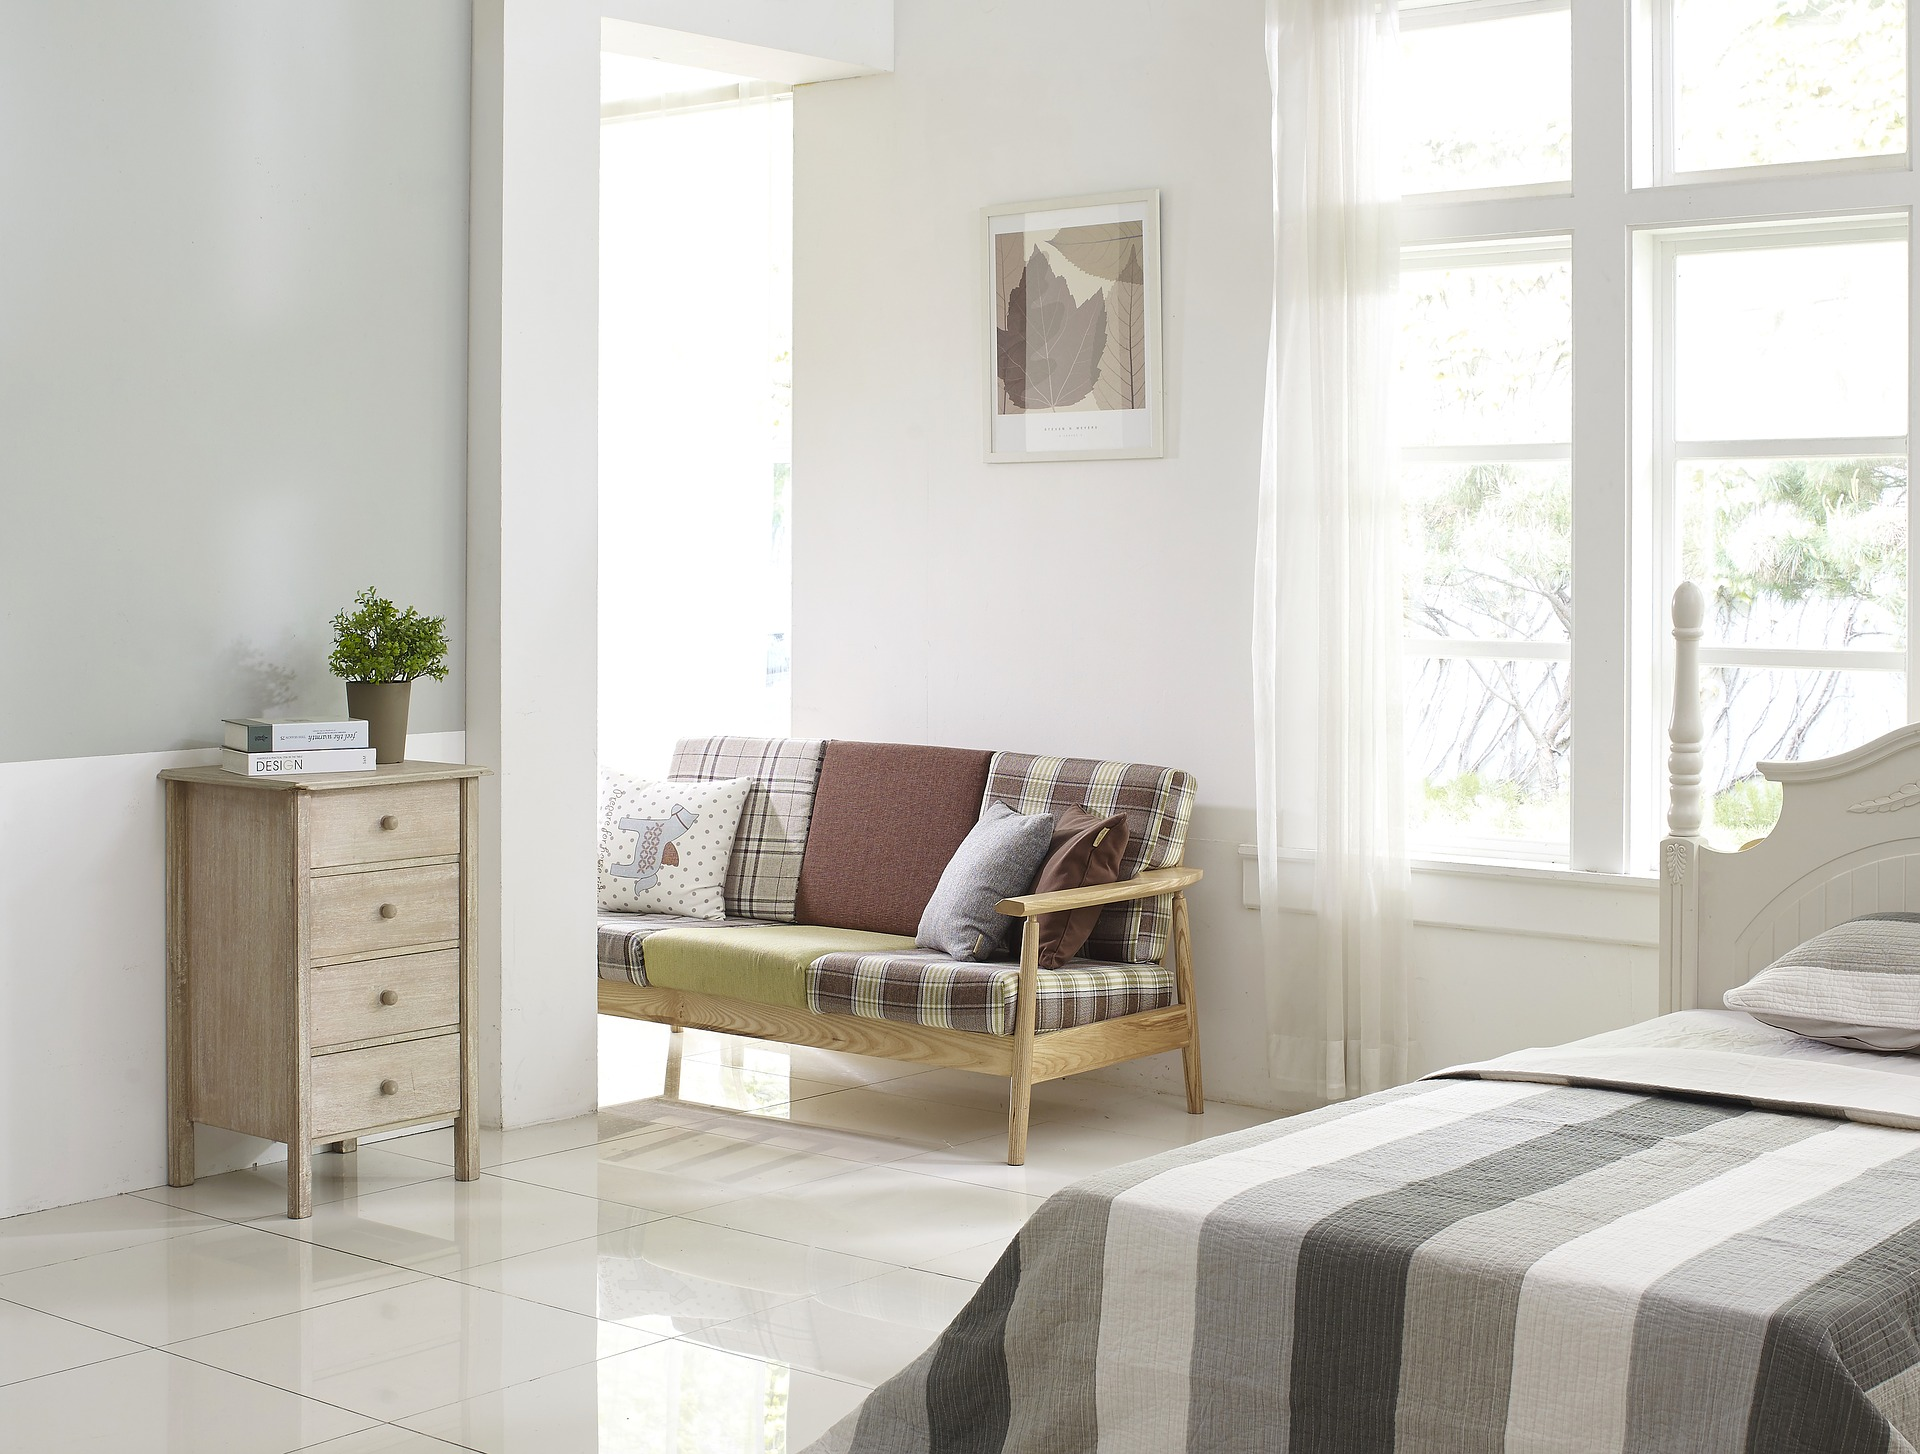 dasMassmöbel-Schlafzimmer-Kommode